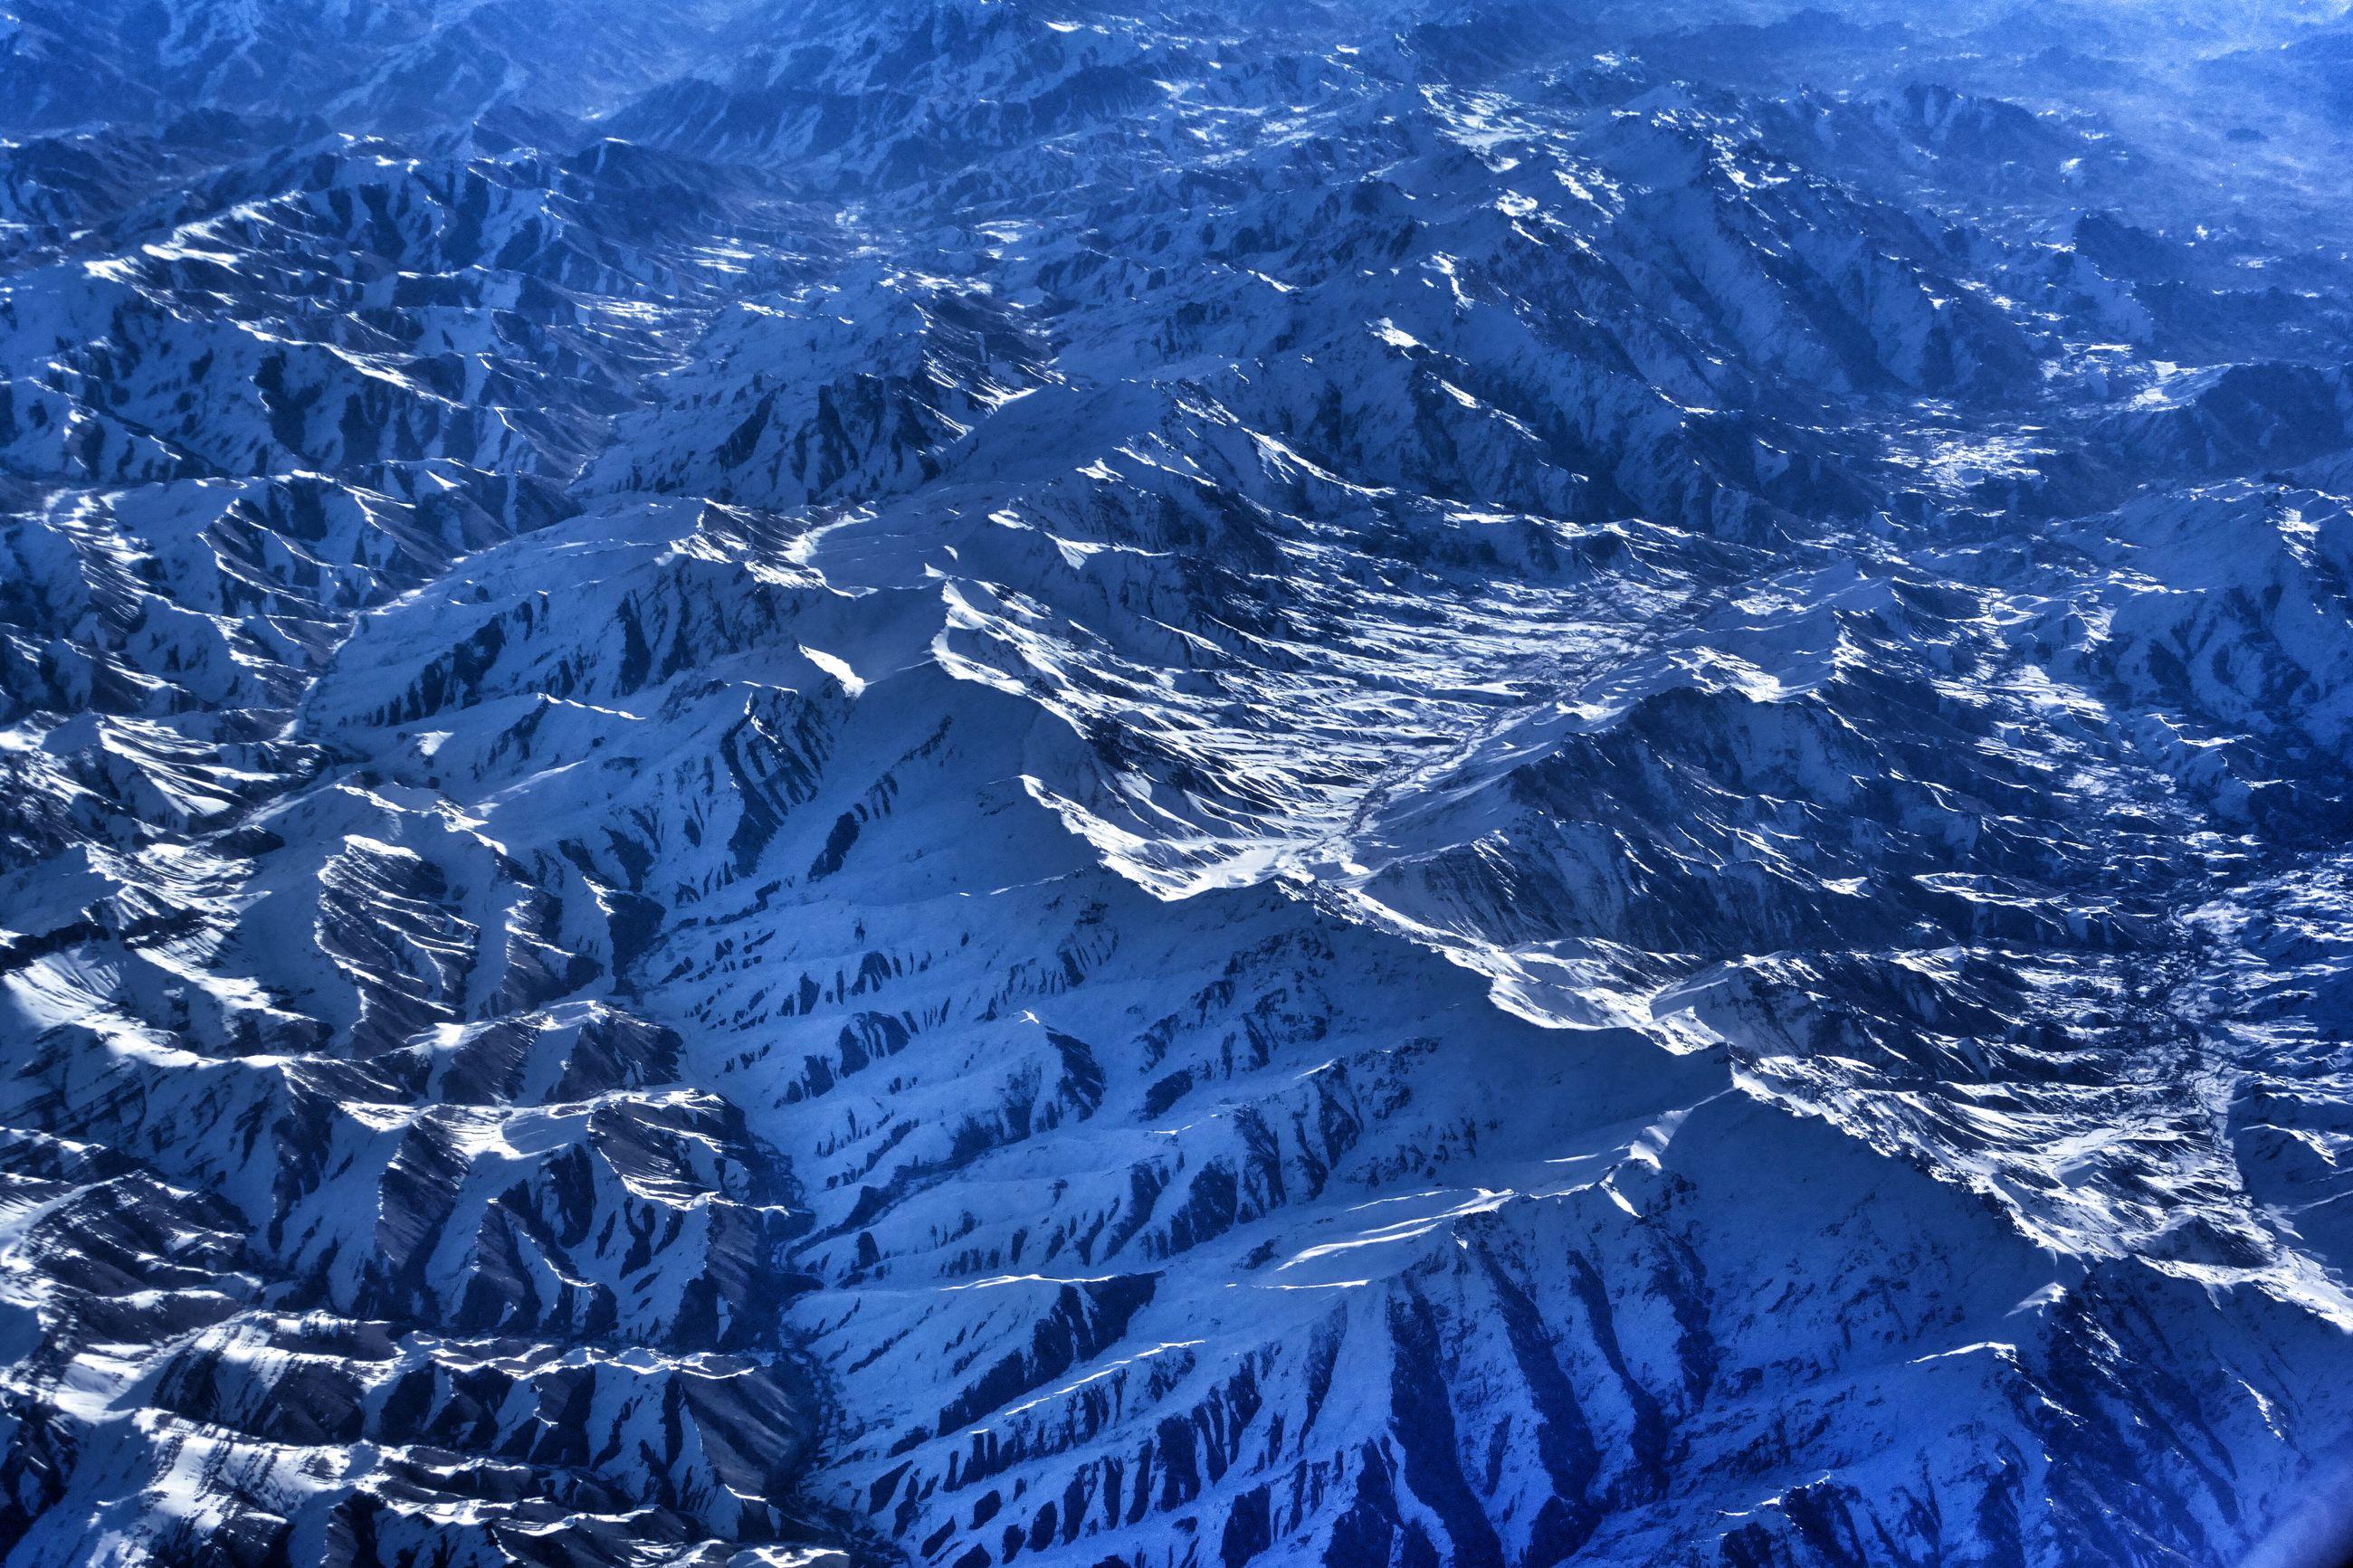 Full frame shot of snow covered mountain